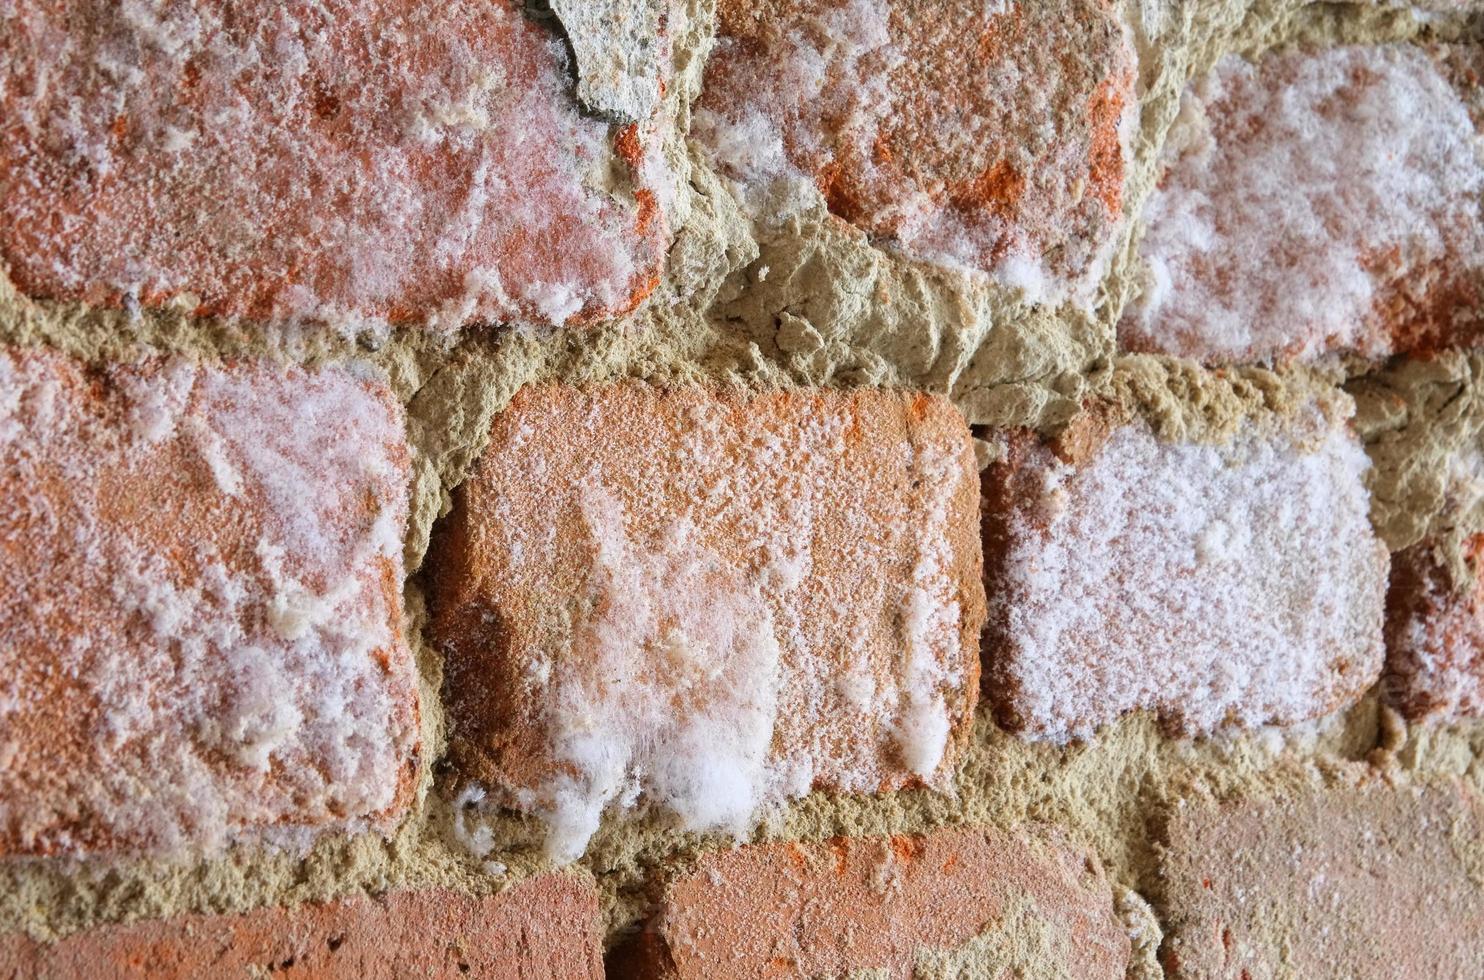 mur avec champignon de moisissure photo